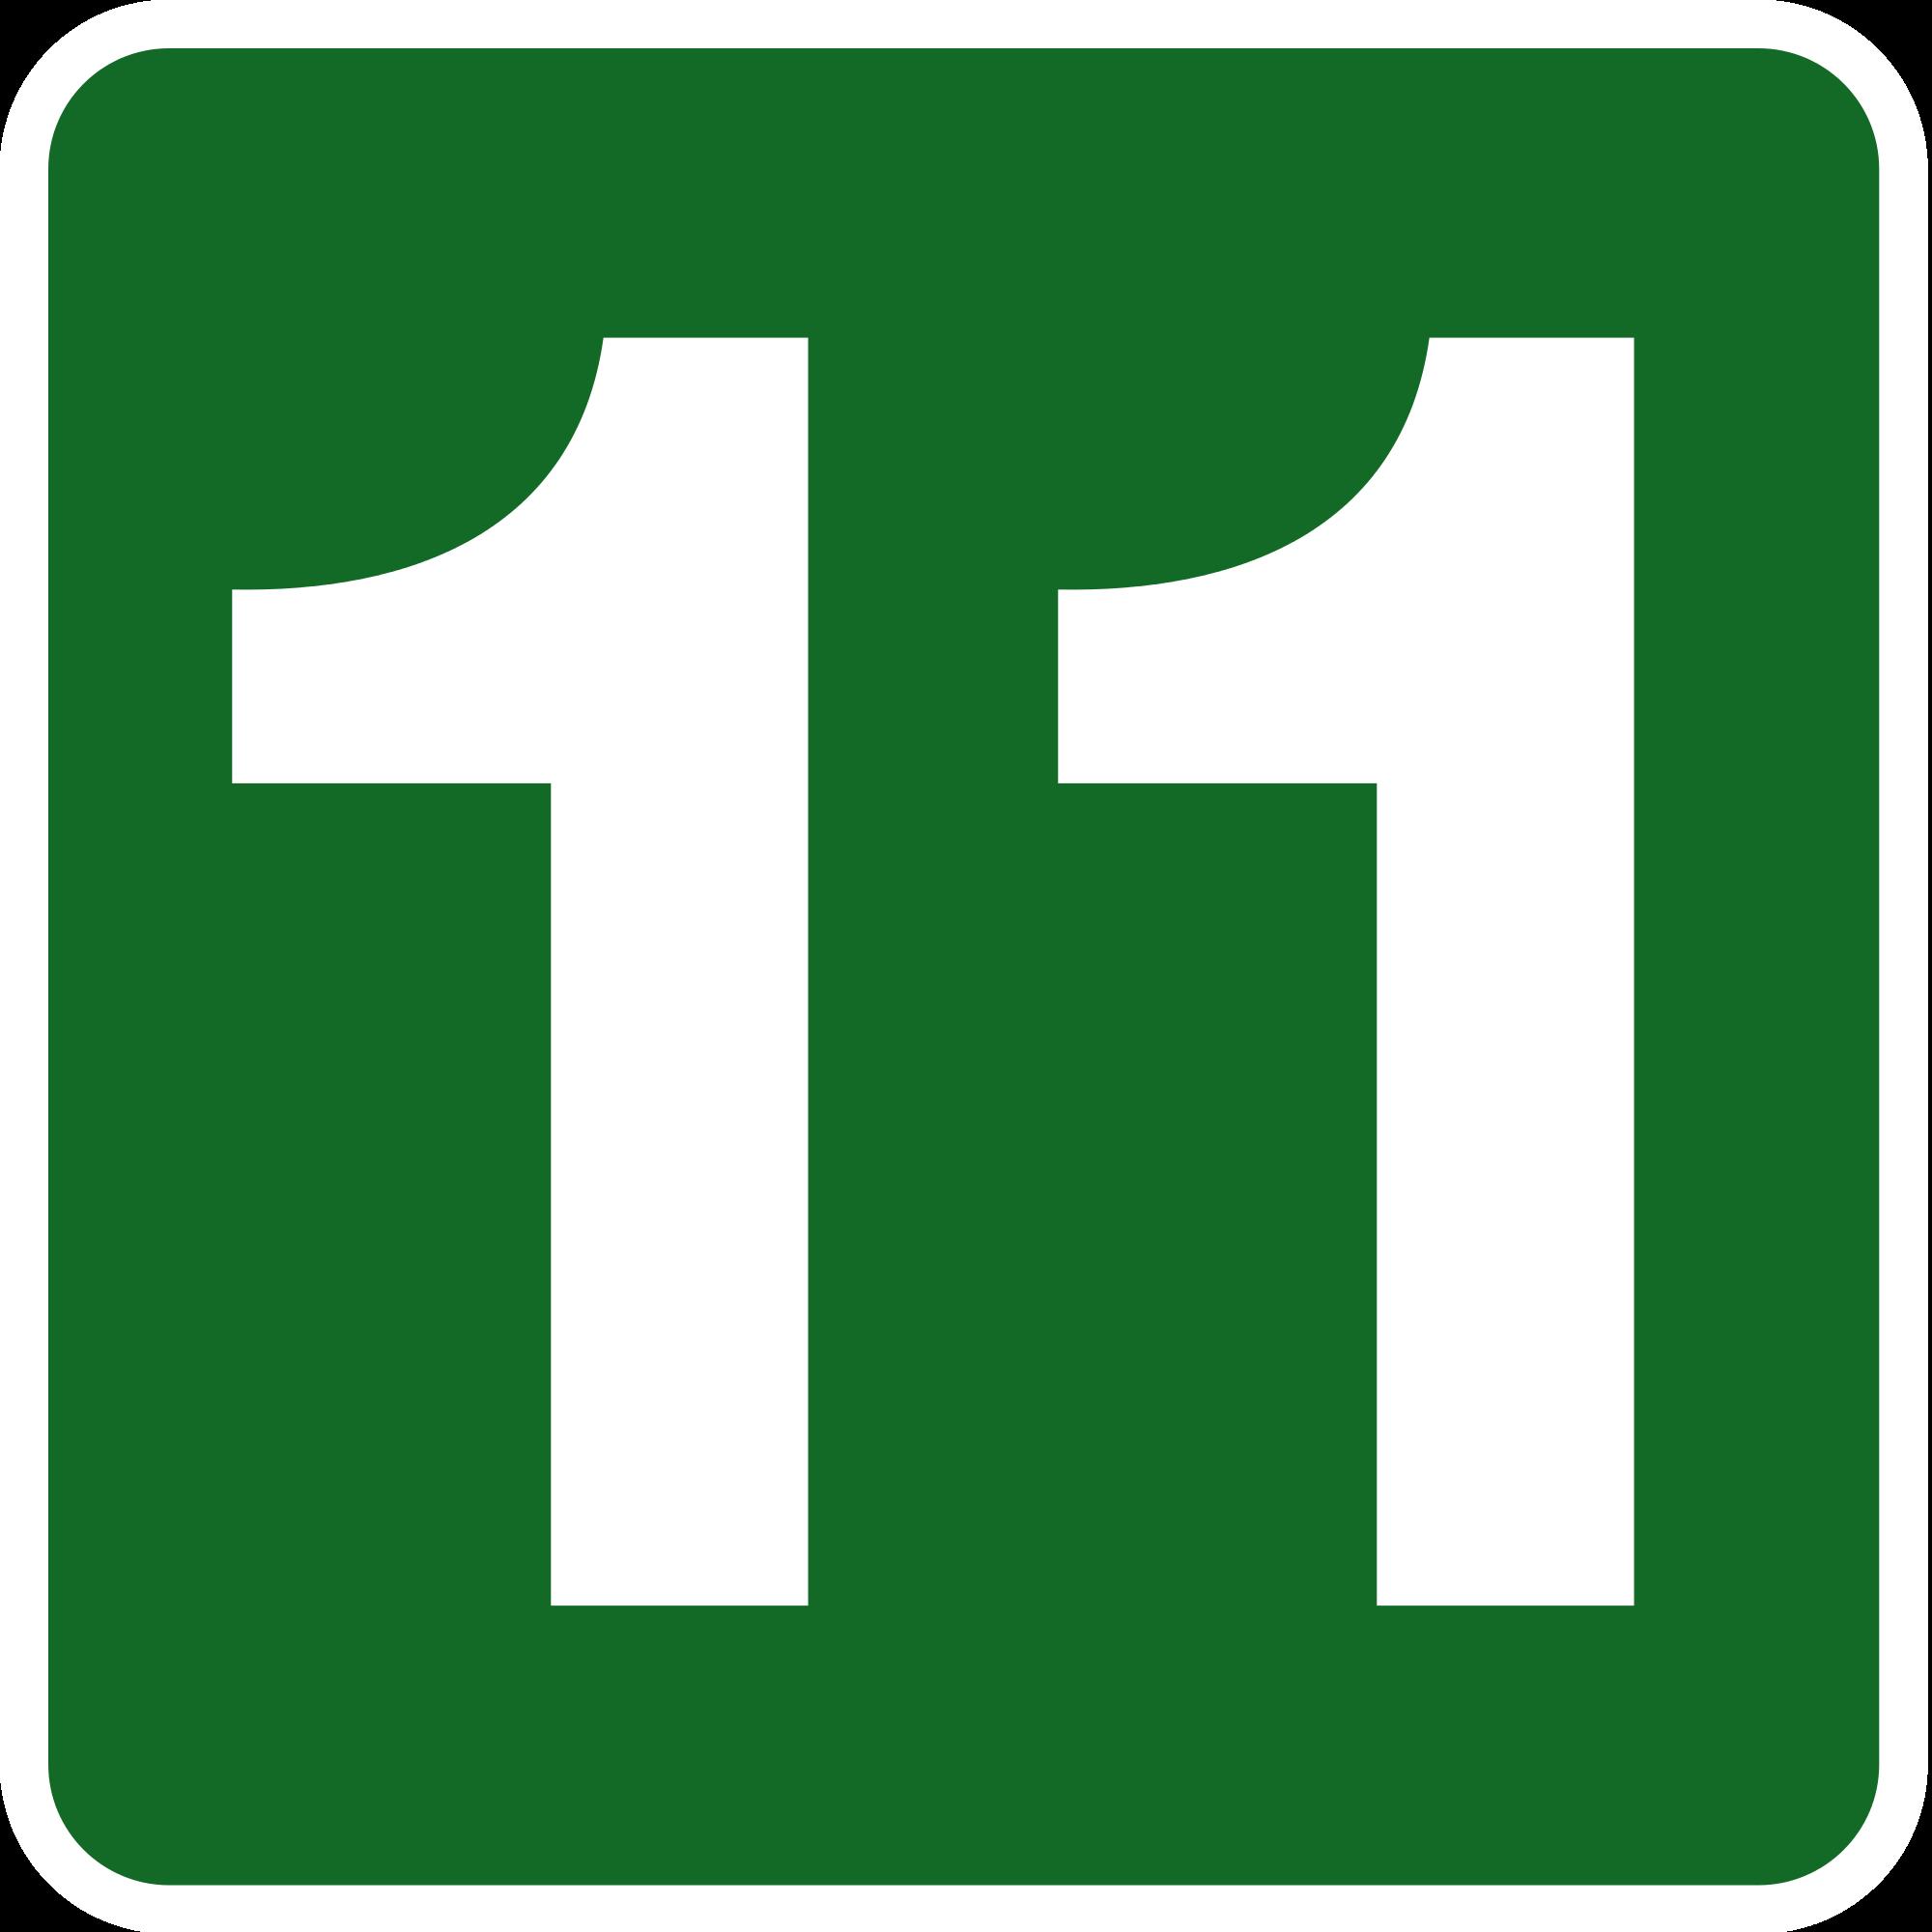 11 | gia ventola